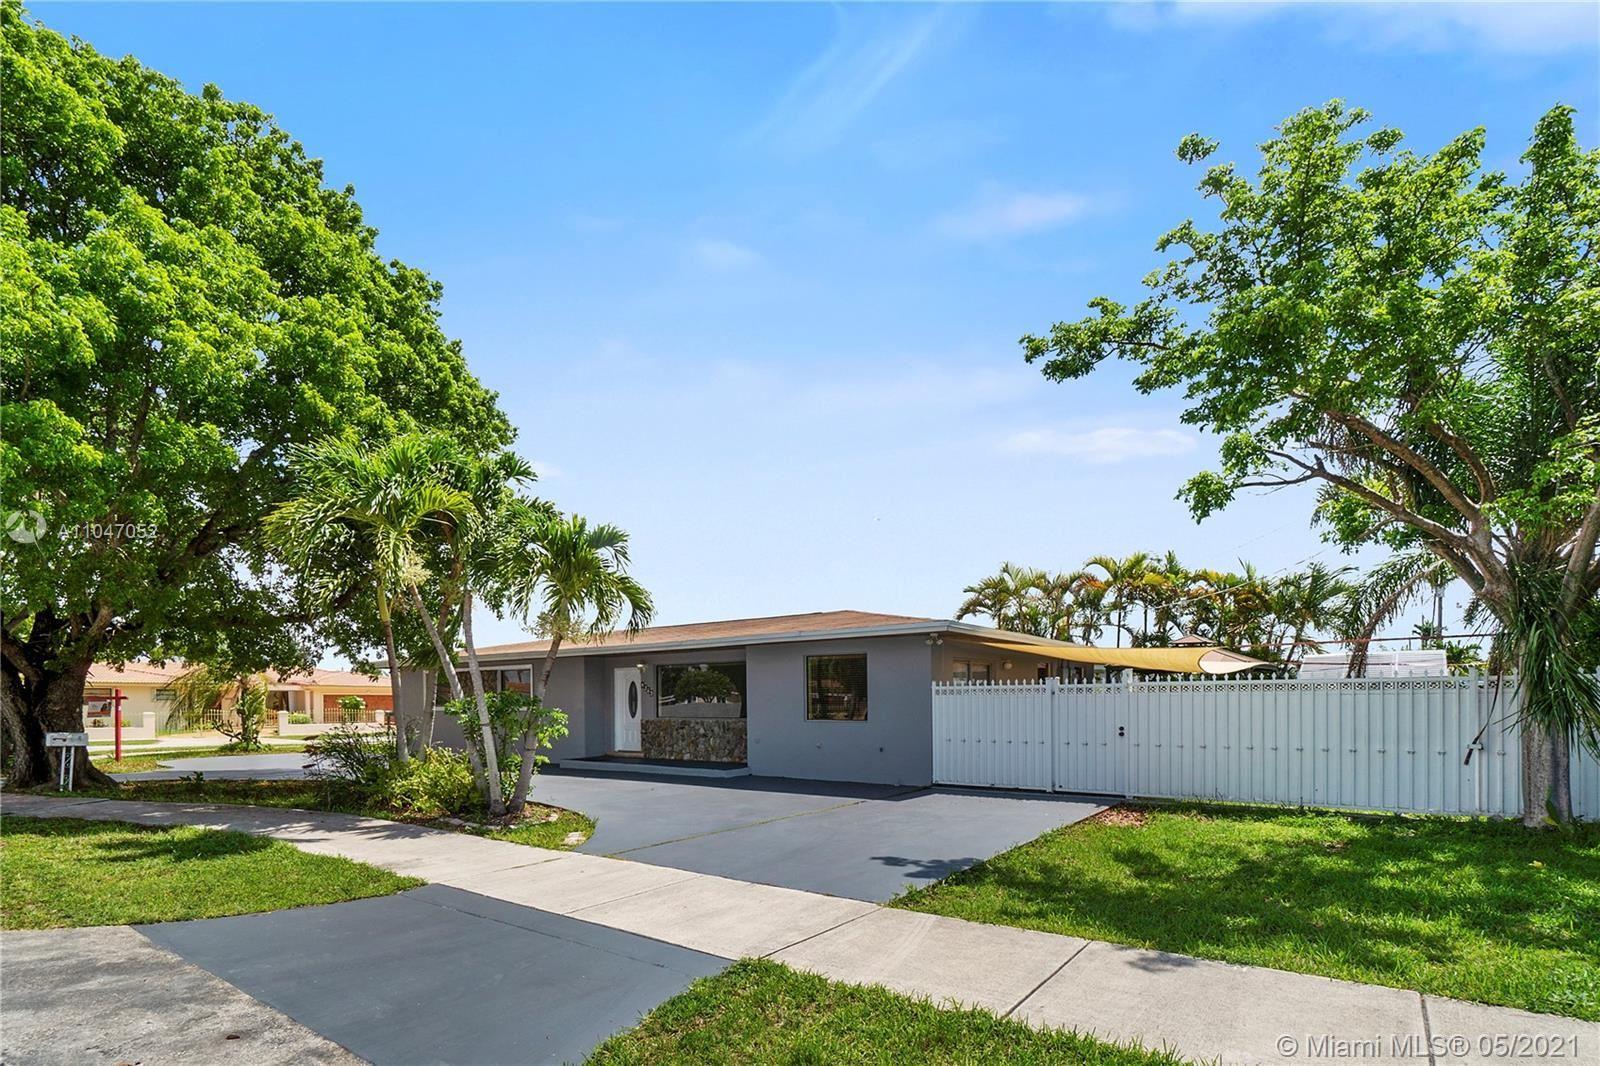 4365 SW 83rd Ave, Miami, FL 33155 - #: A11047052